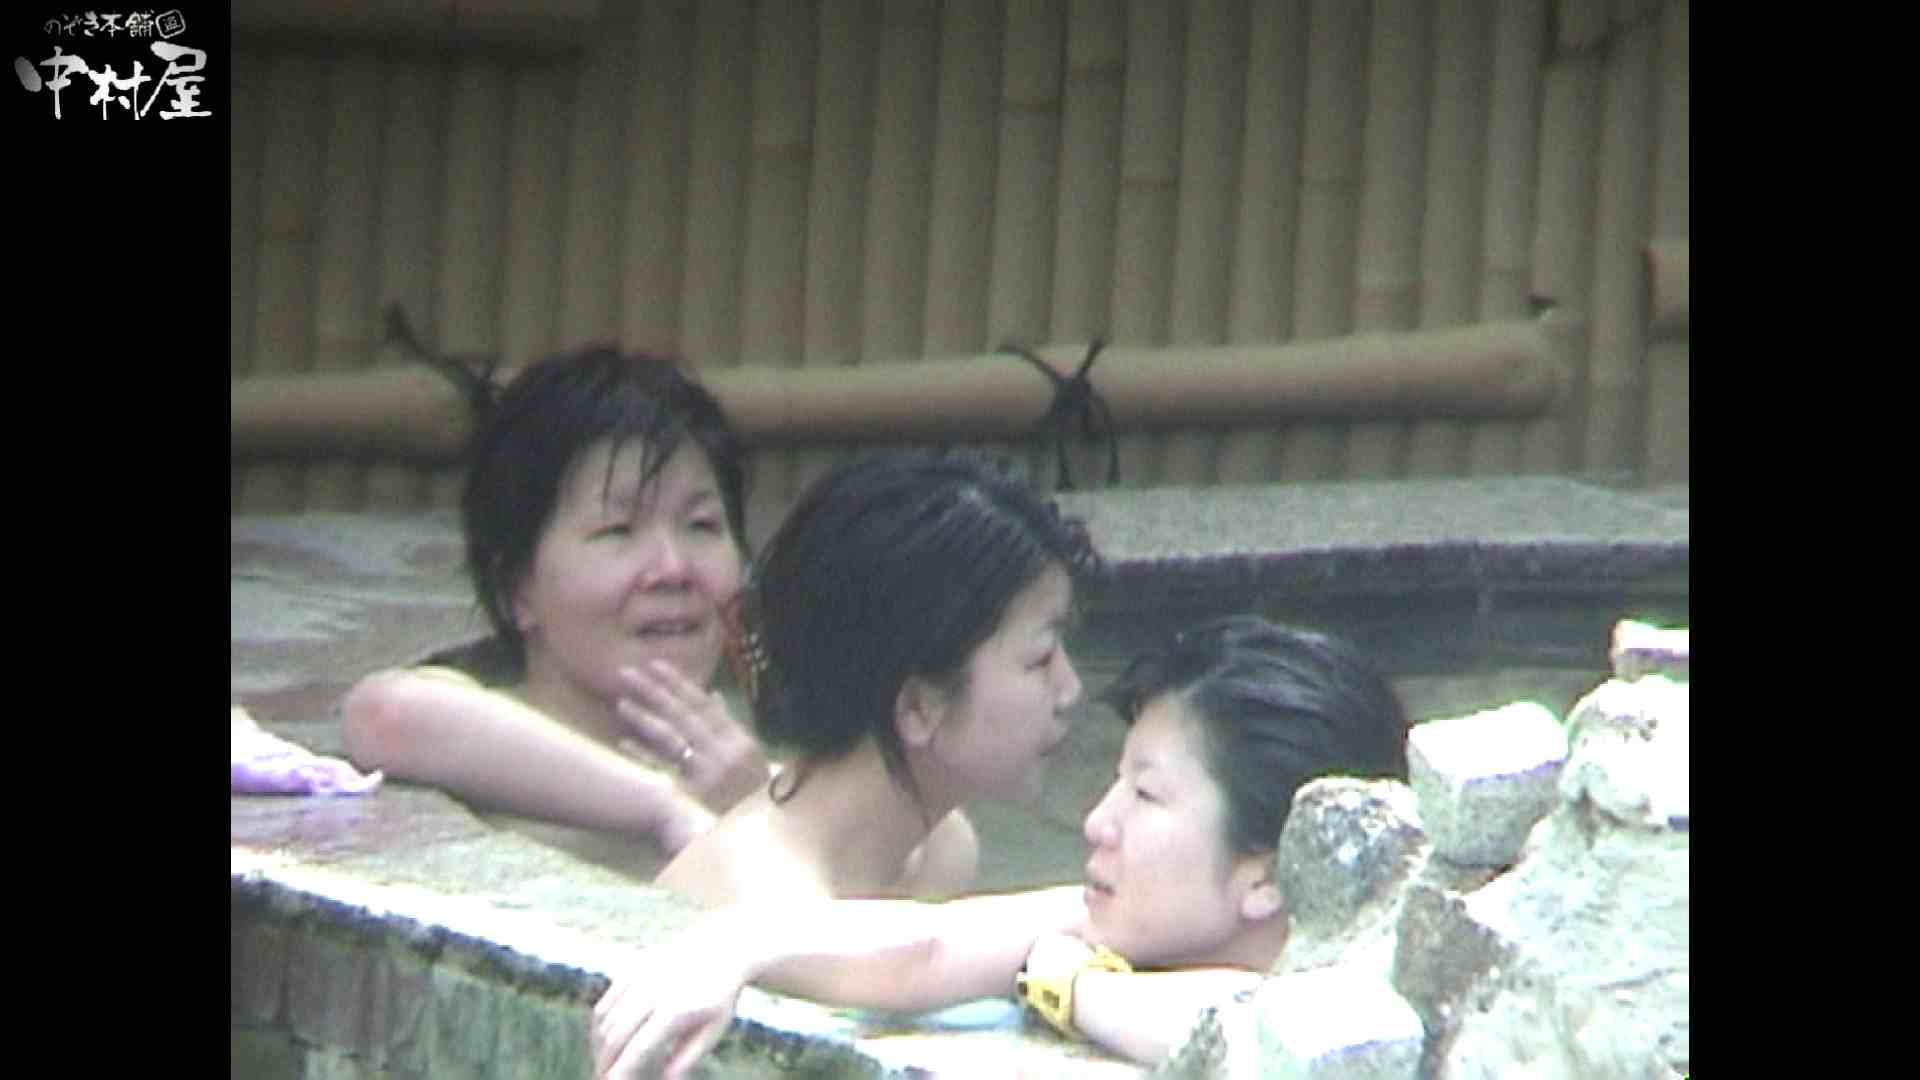 Aquaな露天風呂Vol.936 盗撮 | 露天  75画像 37